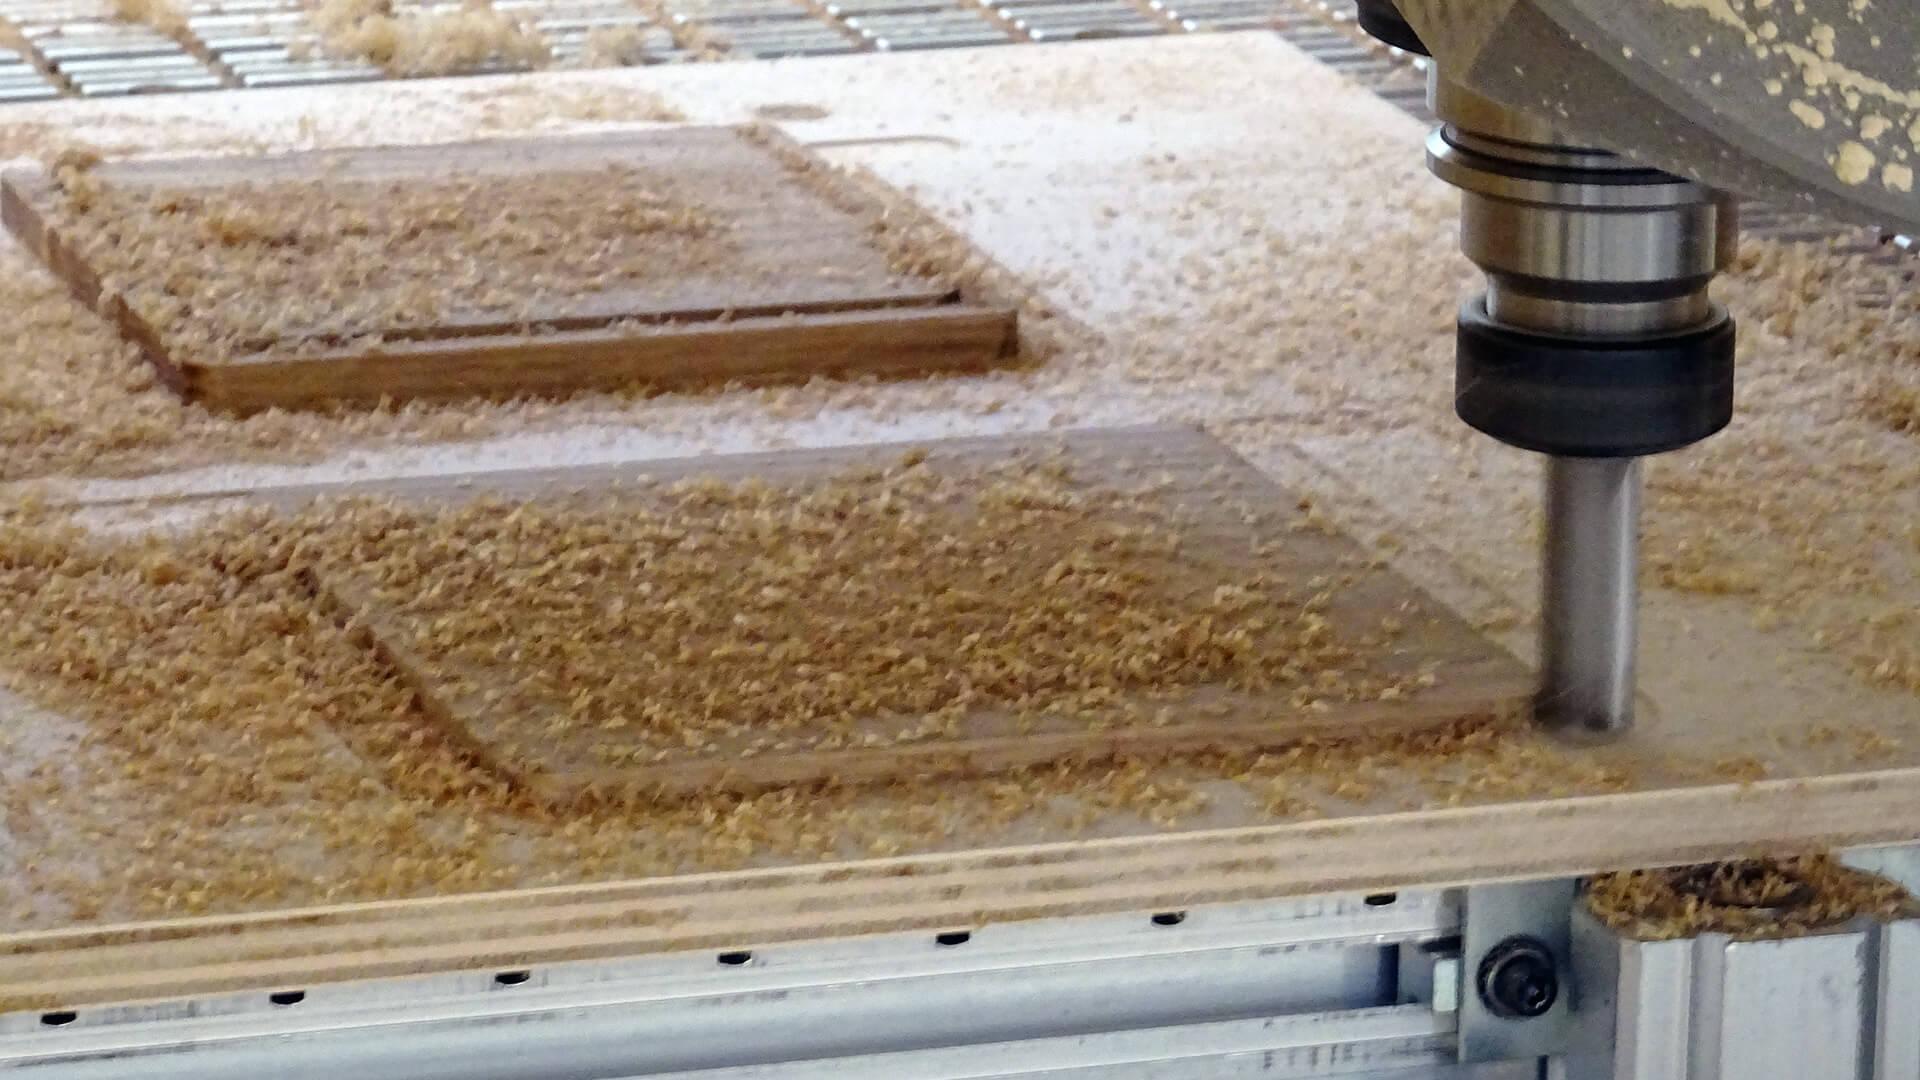 Assi Di Legno Hd : Lavorazioni cnc del legno conto terzi accurate efficienti fca snc